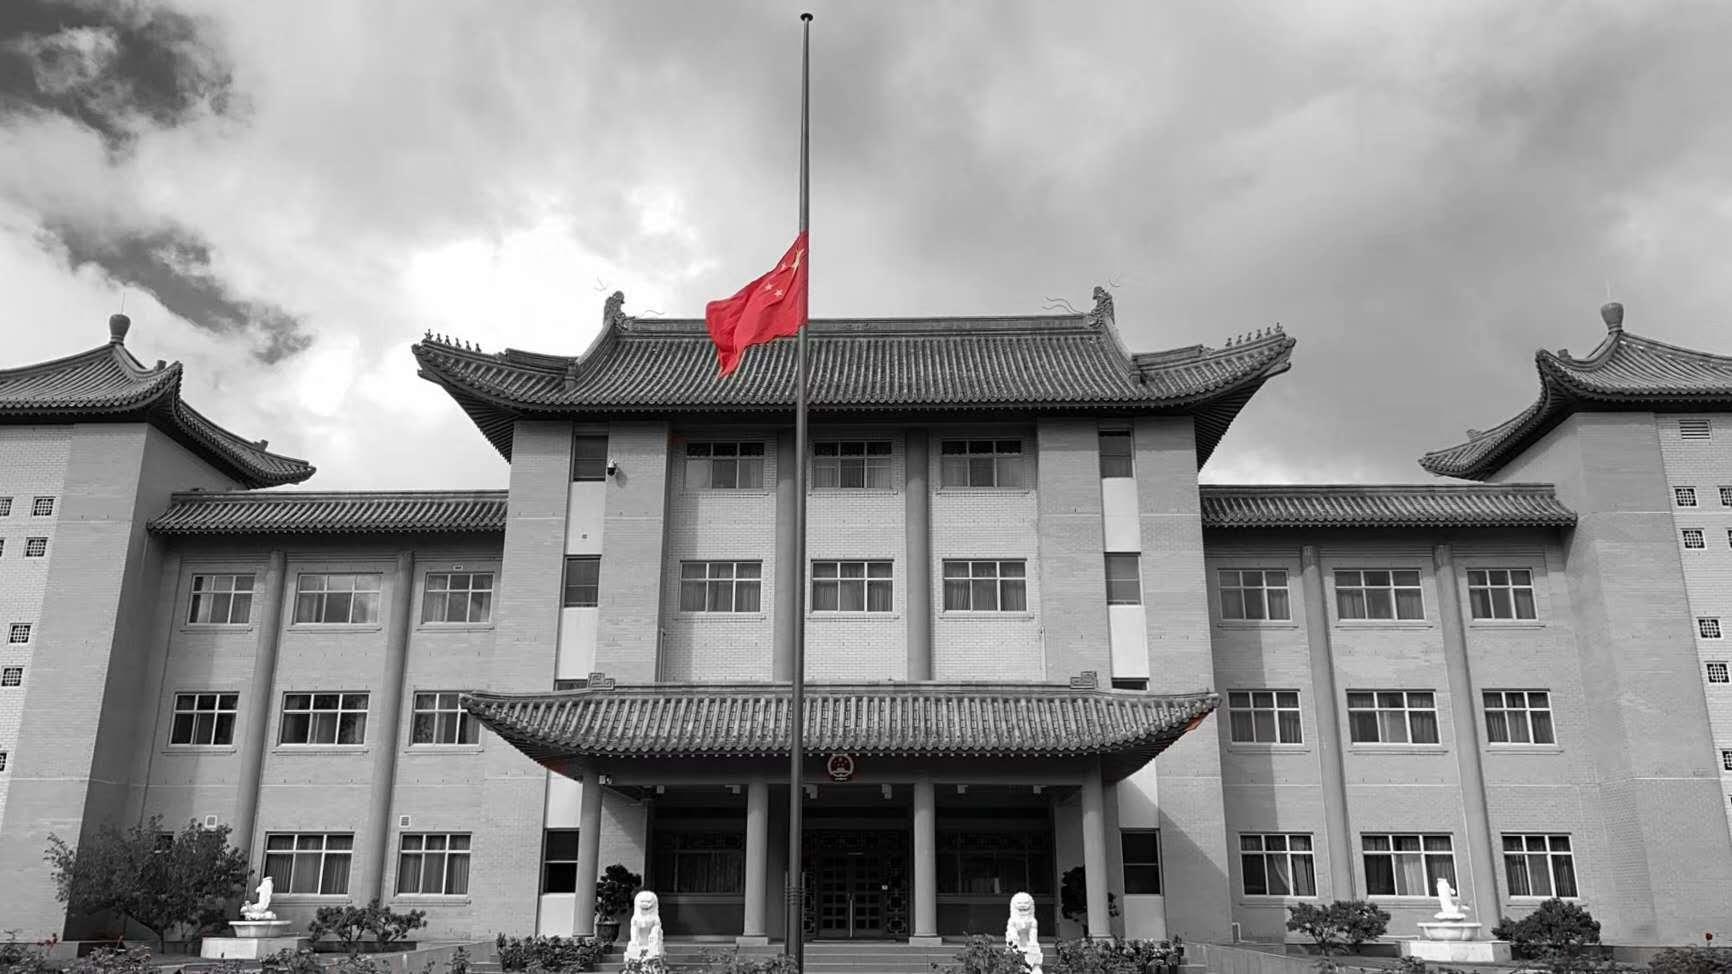 中国驻外使馆让人心寒 中国大使馆帮中国人吗